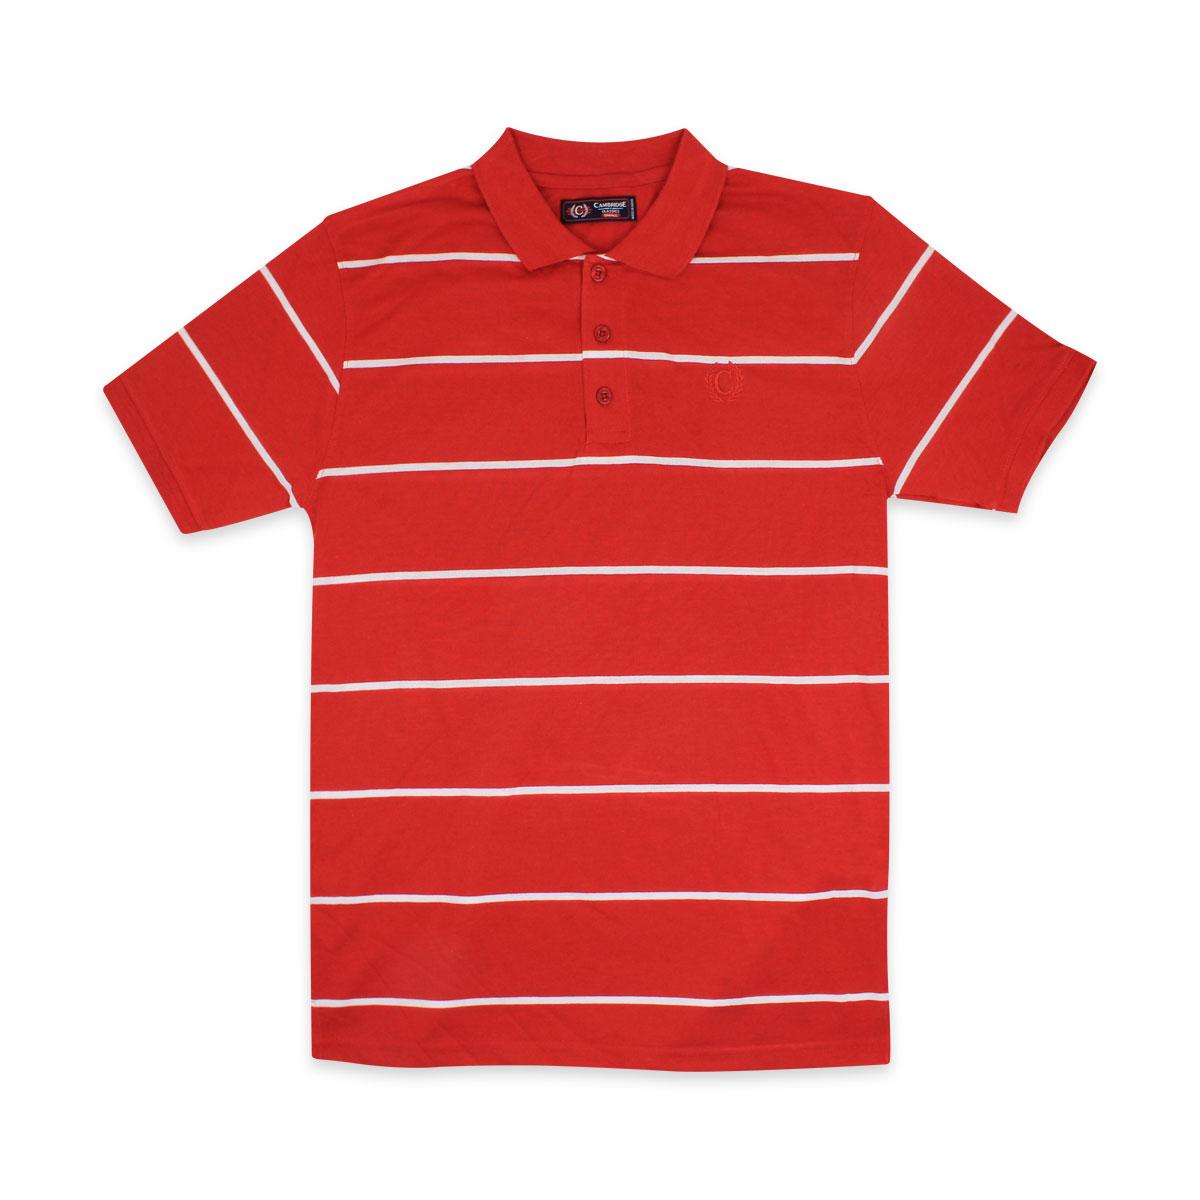 Camisas-Polo-Para-Hombre-A-Rayas-Pique-Con-Cuello-camiseta-Camiseta-Manga-Corta-De-Verano-S-M-L-XL miniatura 29